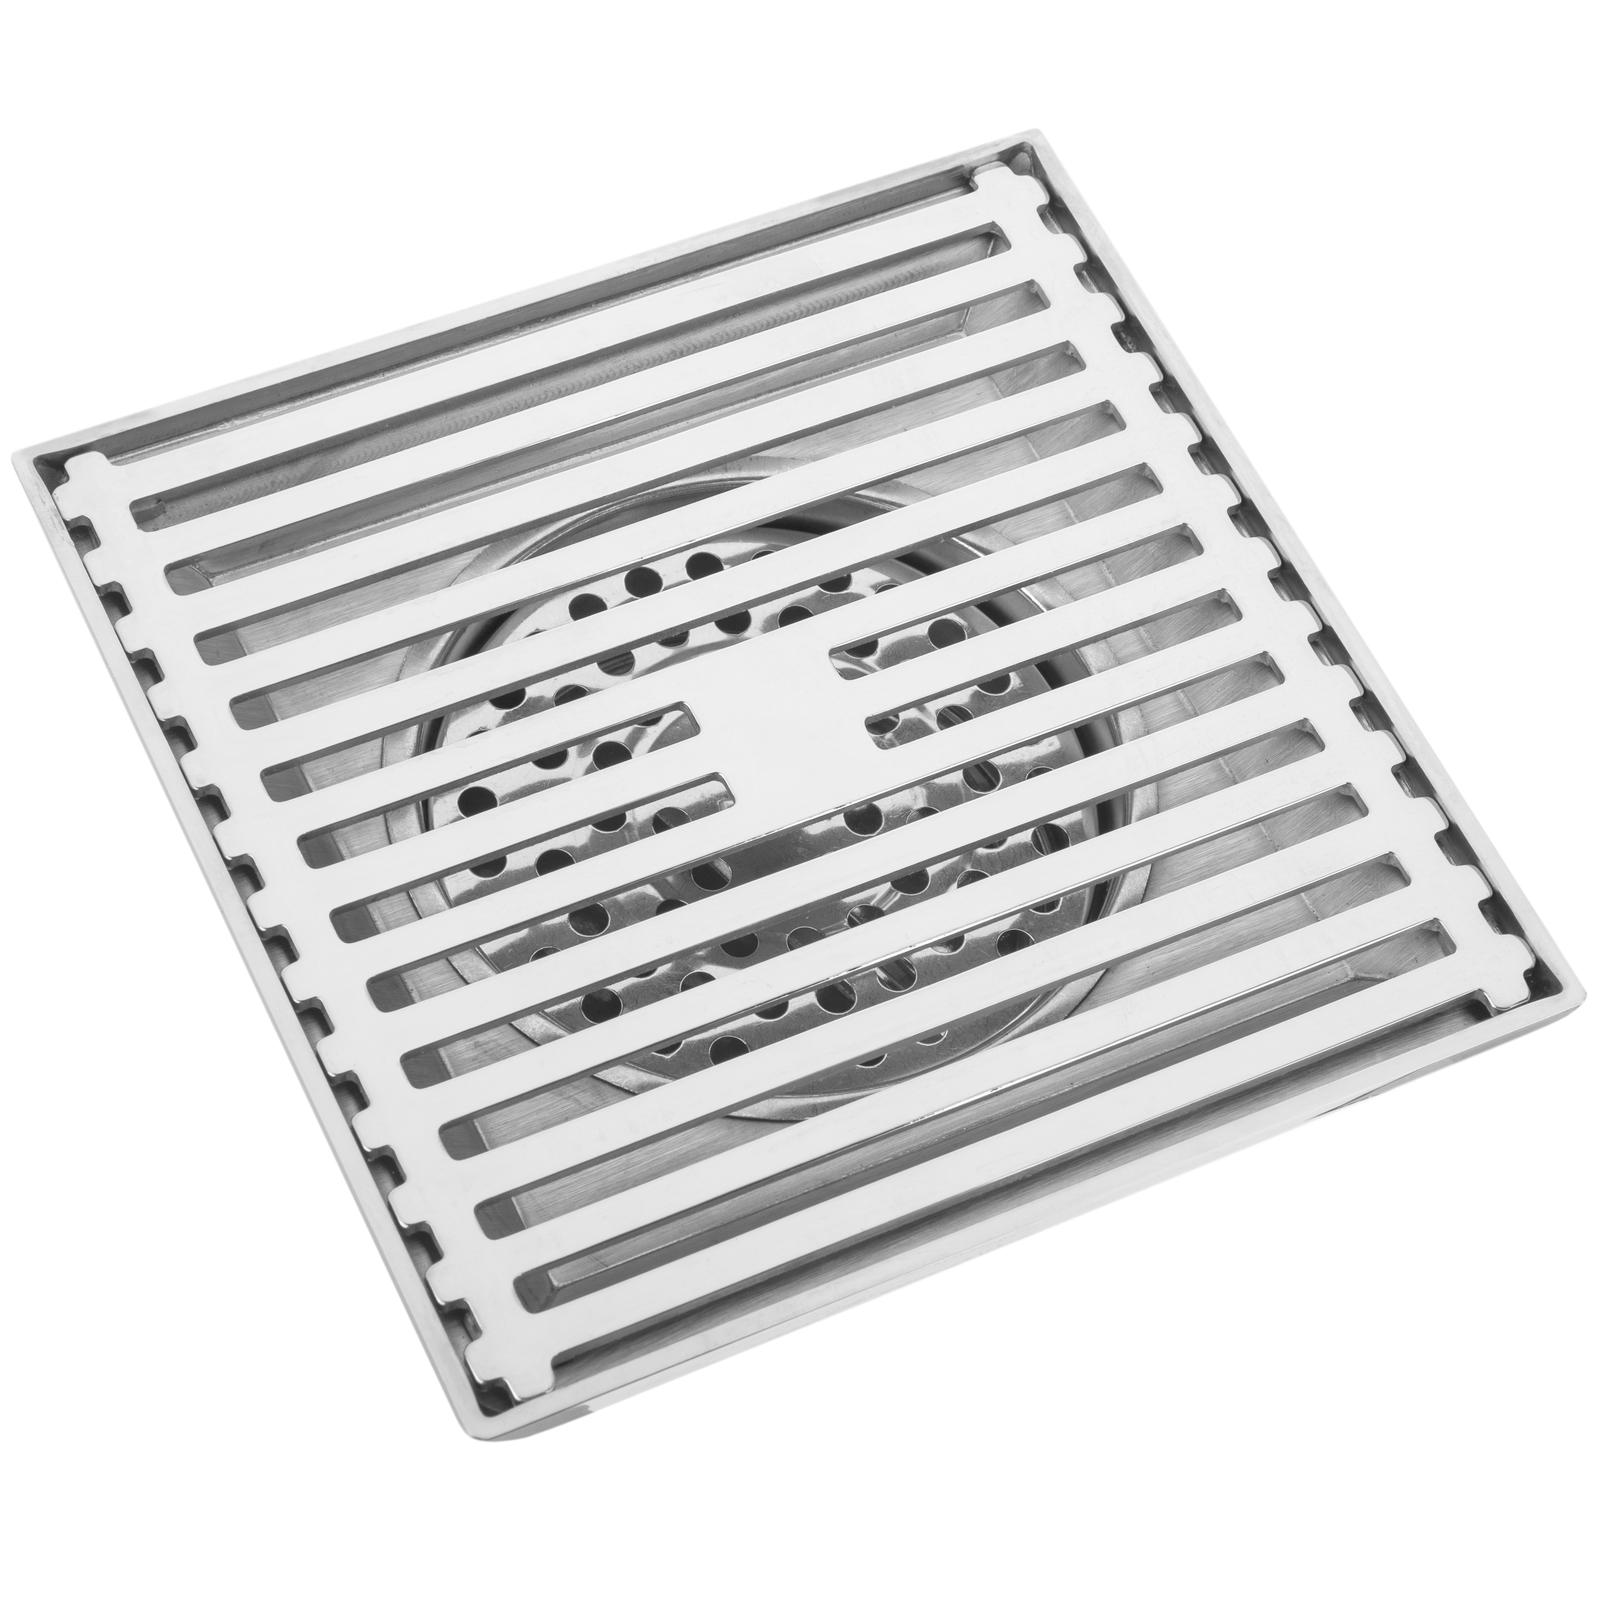 Sumidero 12x12x5cm con Rejilla extra/íble de Acero Inoxidable Brillante PrimeMatik